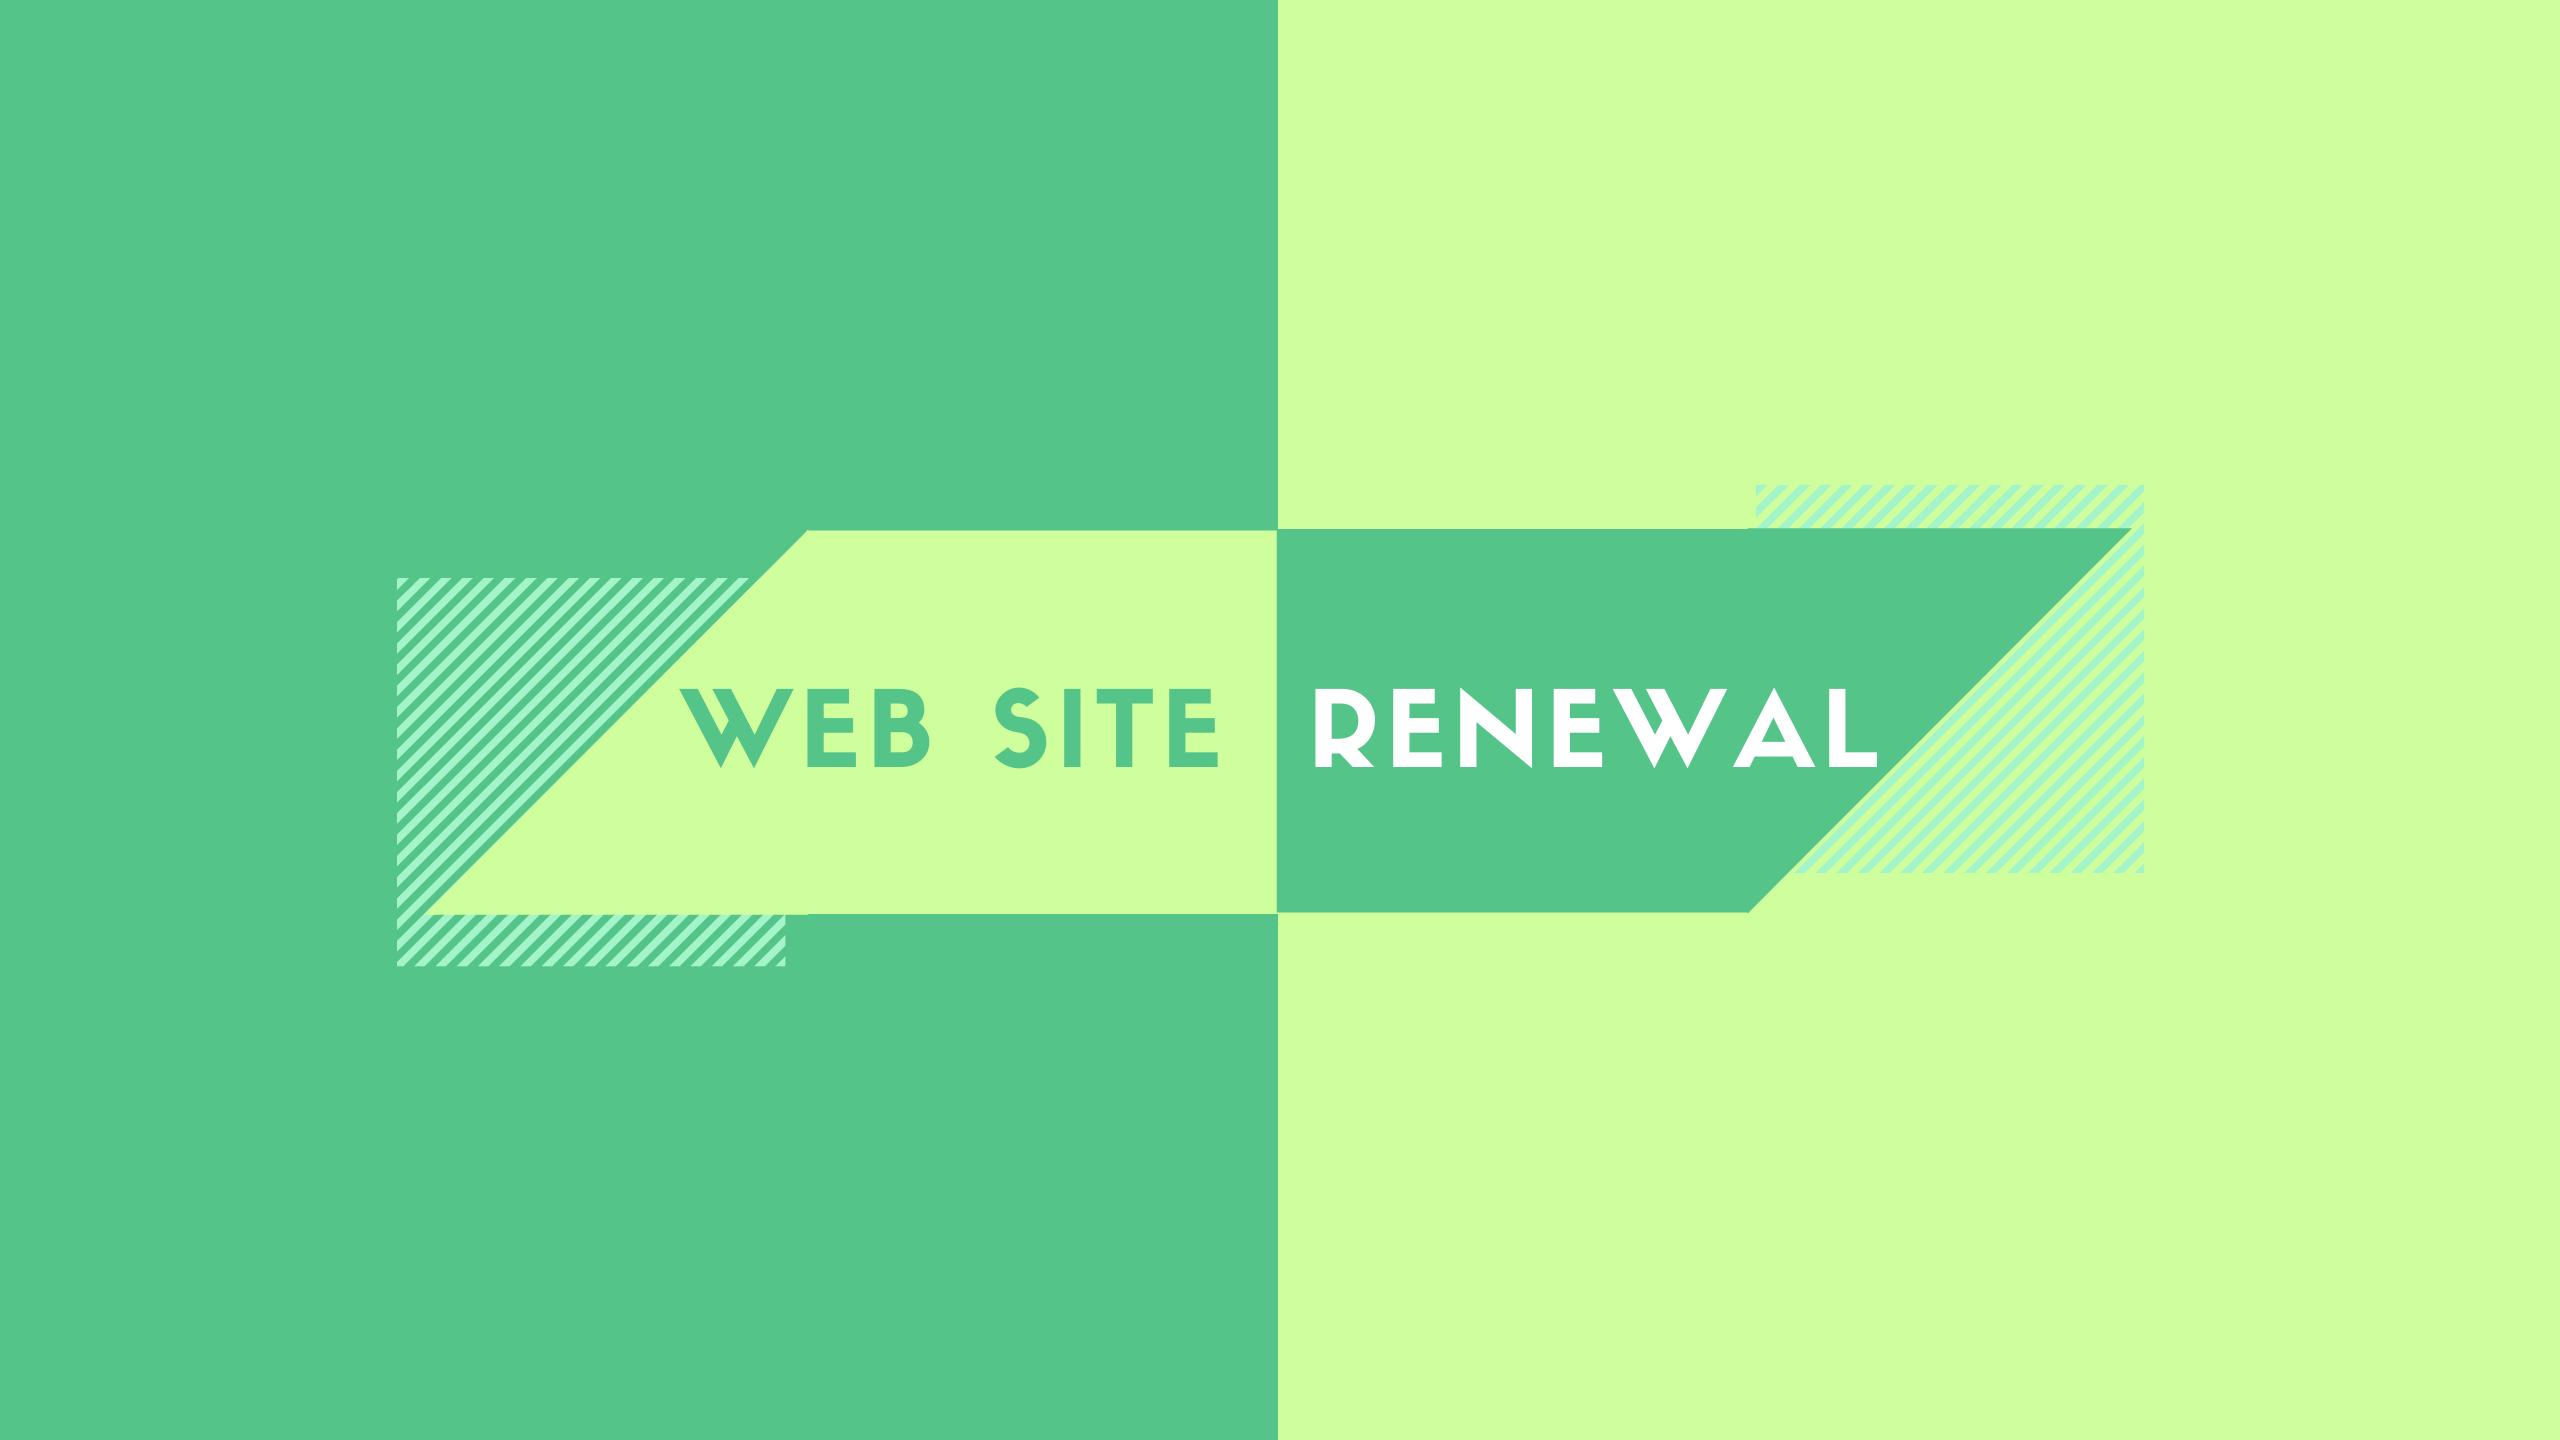 ウェブサイト リニューアル